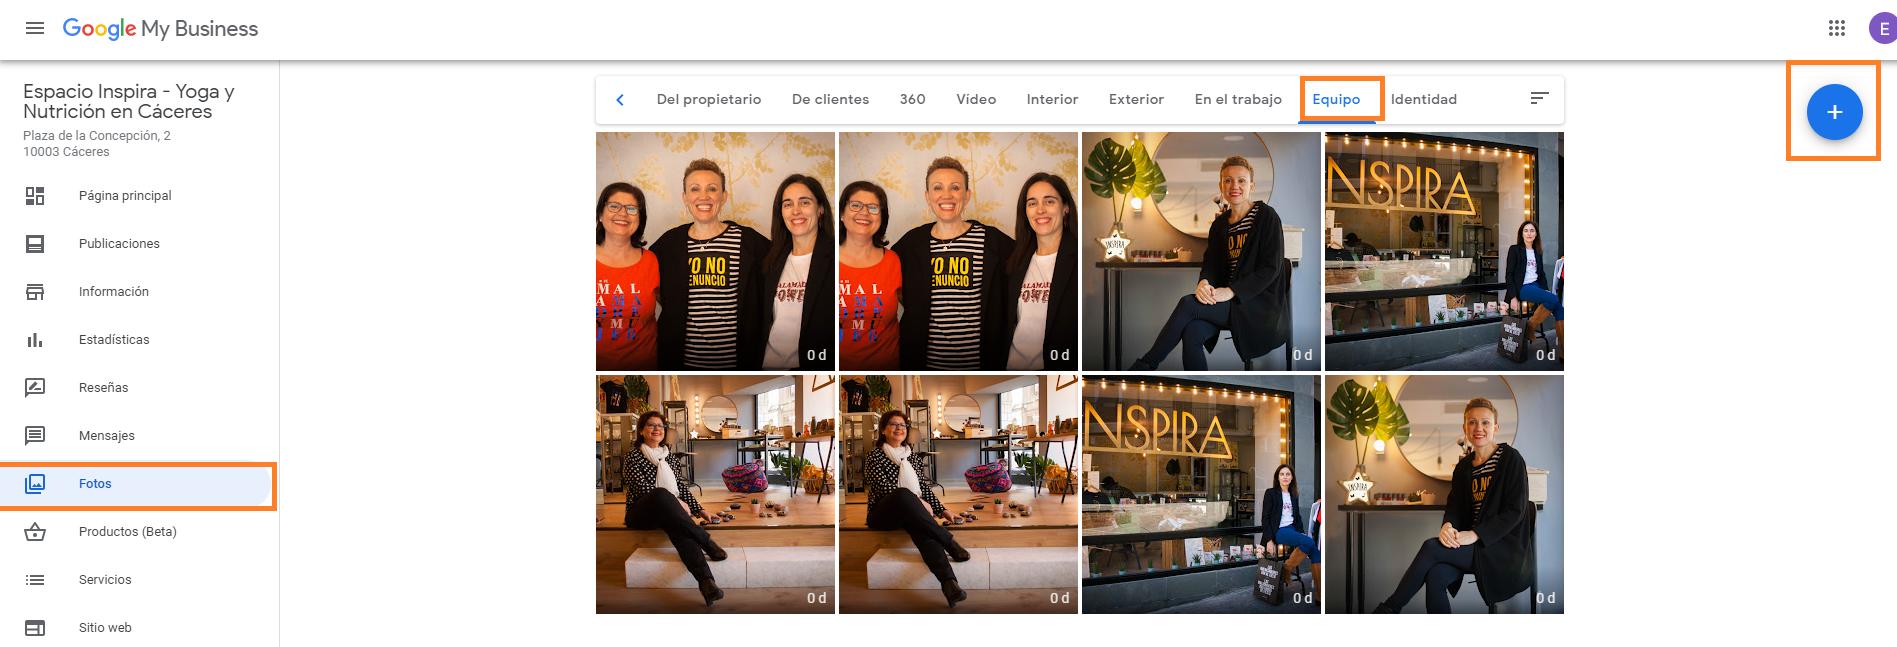 buena FOTOS DE equipo como crear buen perfil google my business